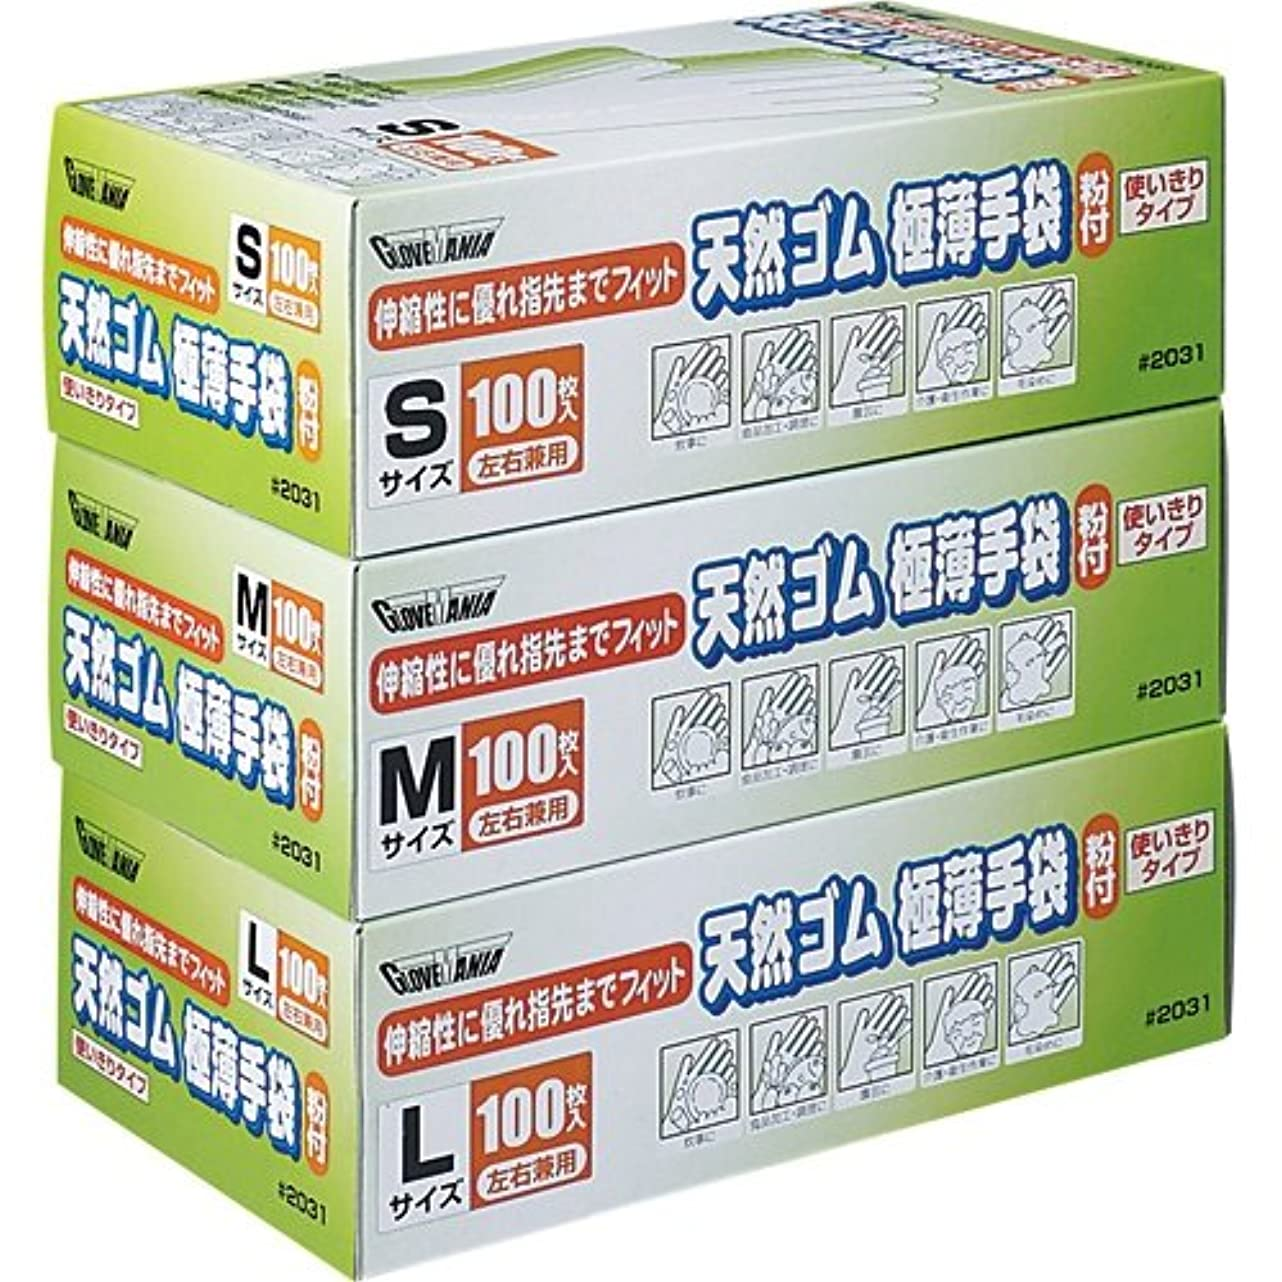 見習い貯水池固体川西工業 天然ゴム極薄手袋 粉付 M #2031 1セット(1000枚:100枚×10箱)